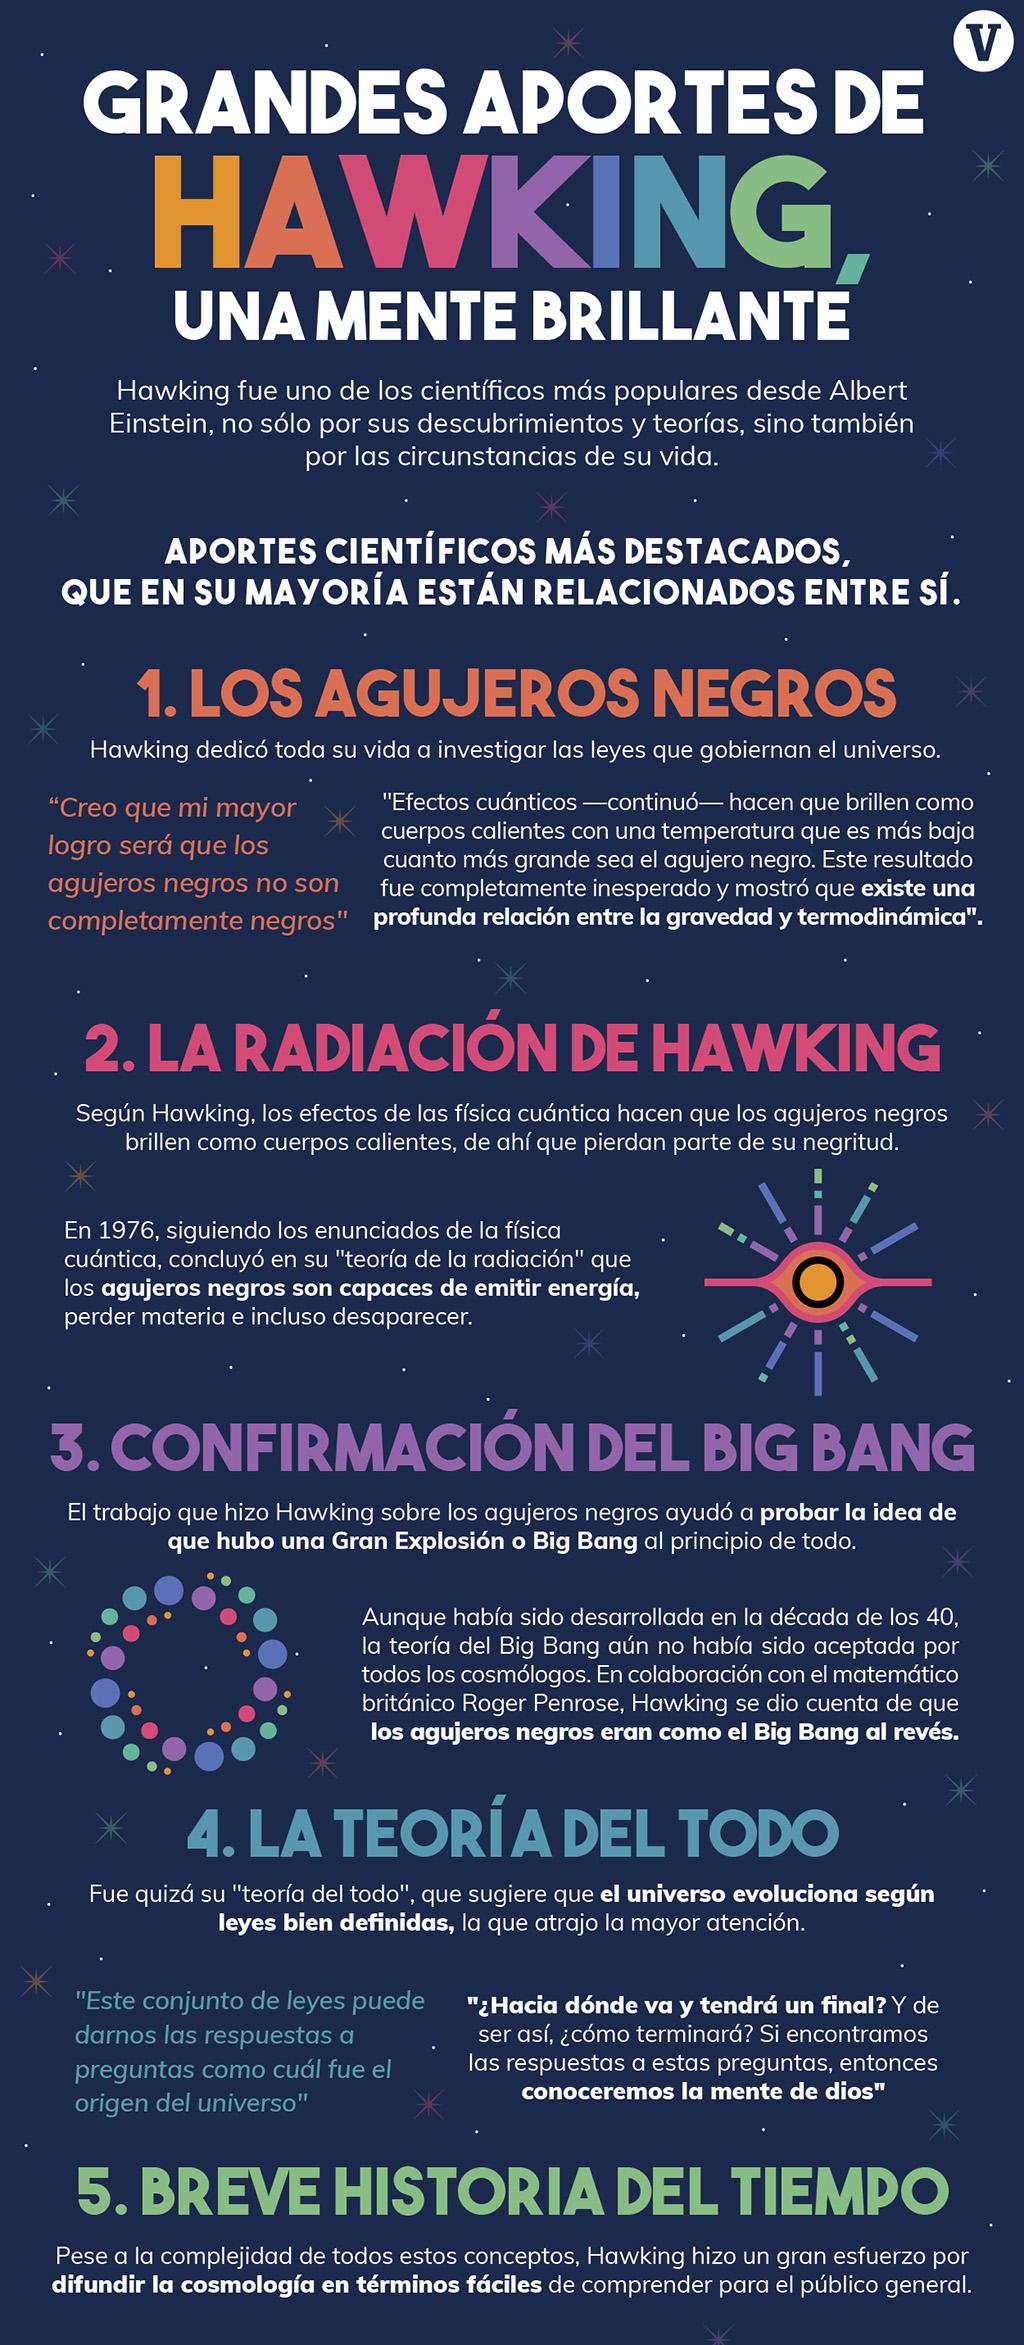 Grandes aportes de Hawking, una mente brillante